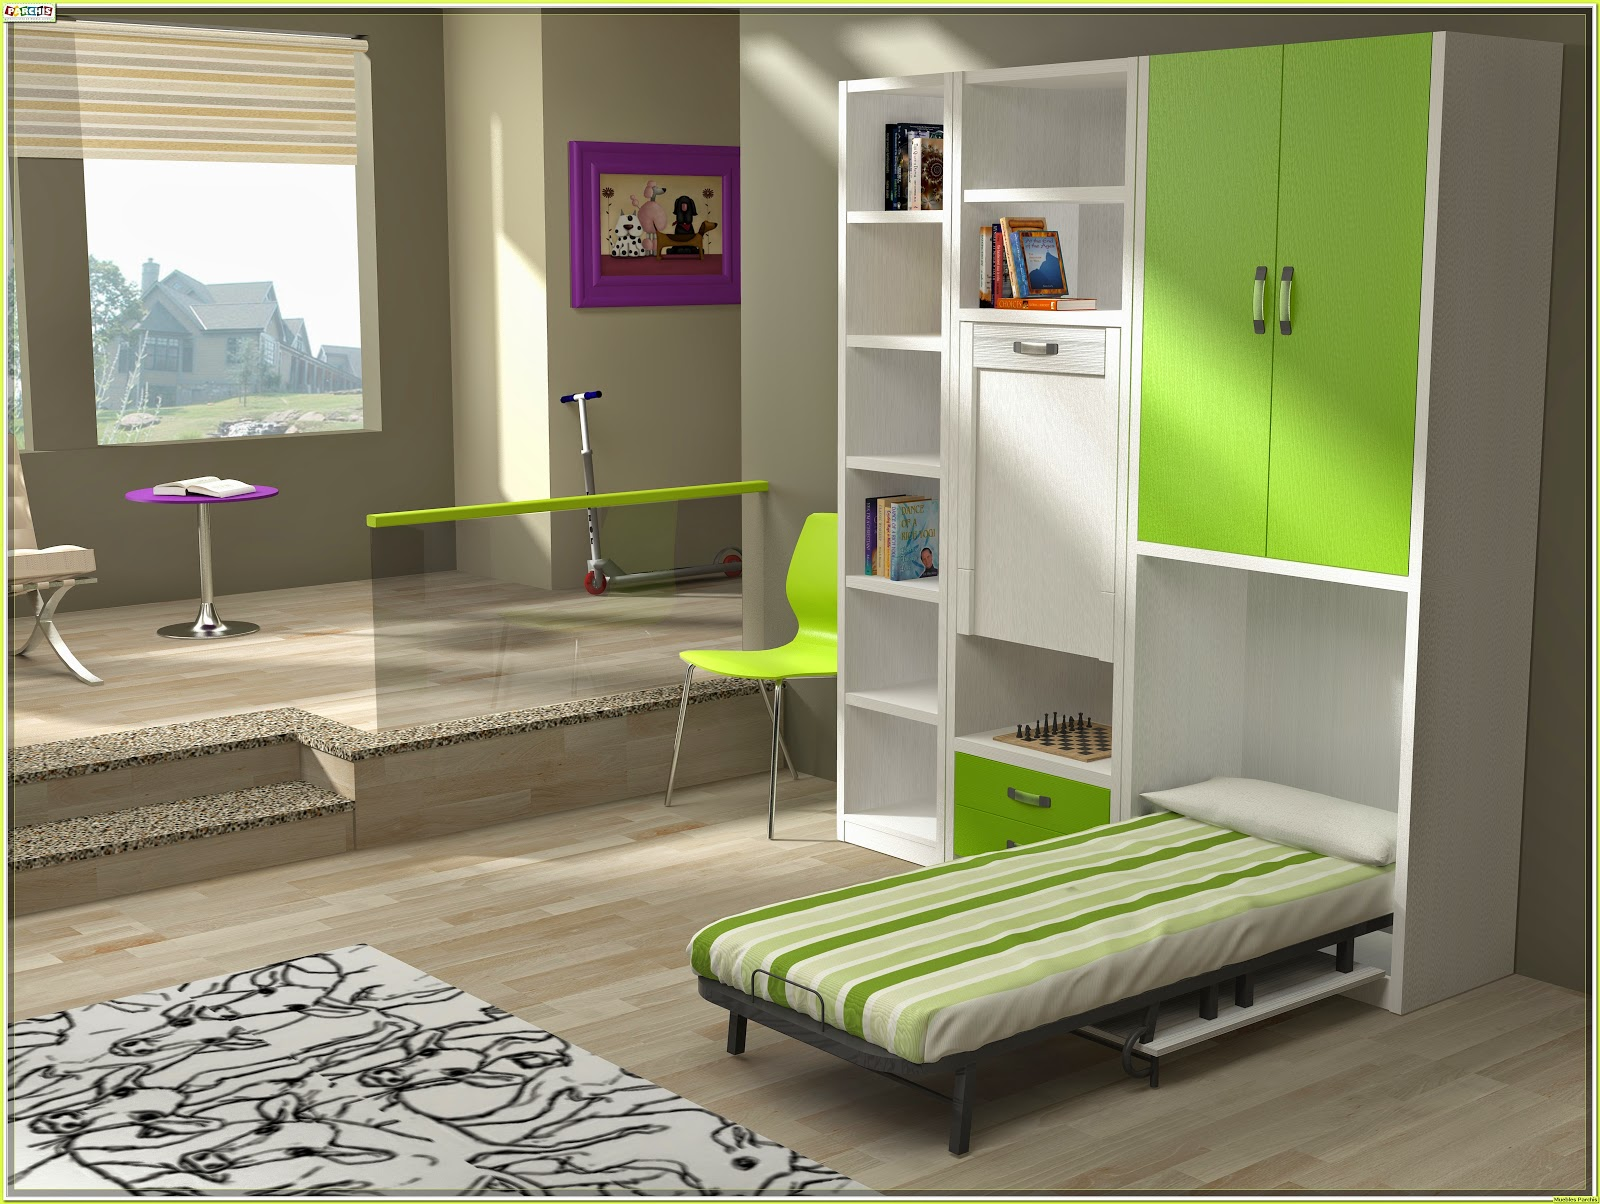 Muebles juveniles dormitorios infantiles y habitaciones juveniles en madrid camas abatibles - Camas muebles plegables ...